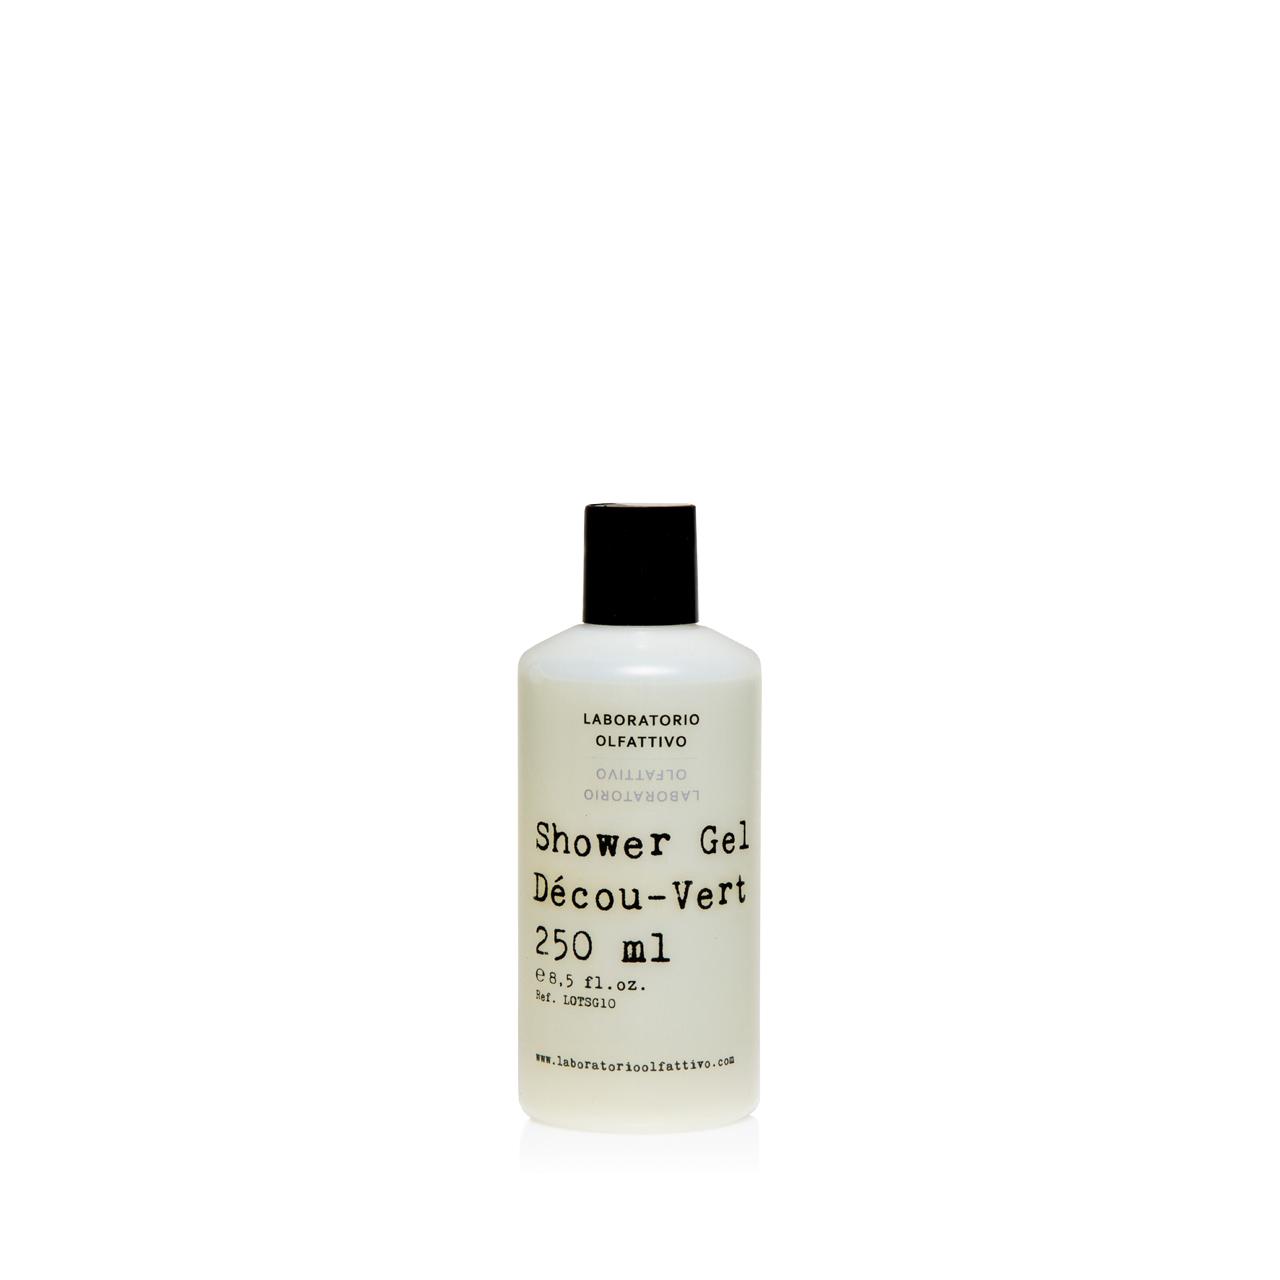 Décou-Vert - Shower Gel